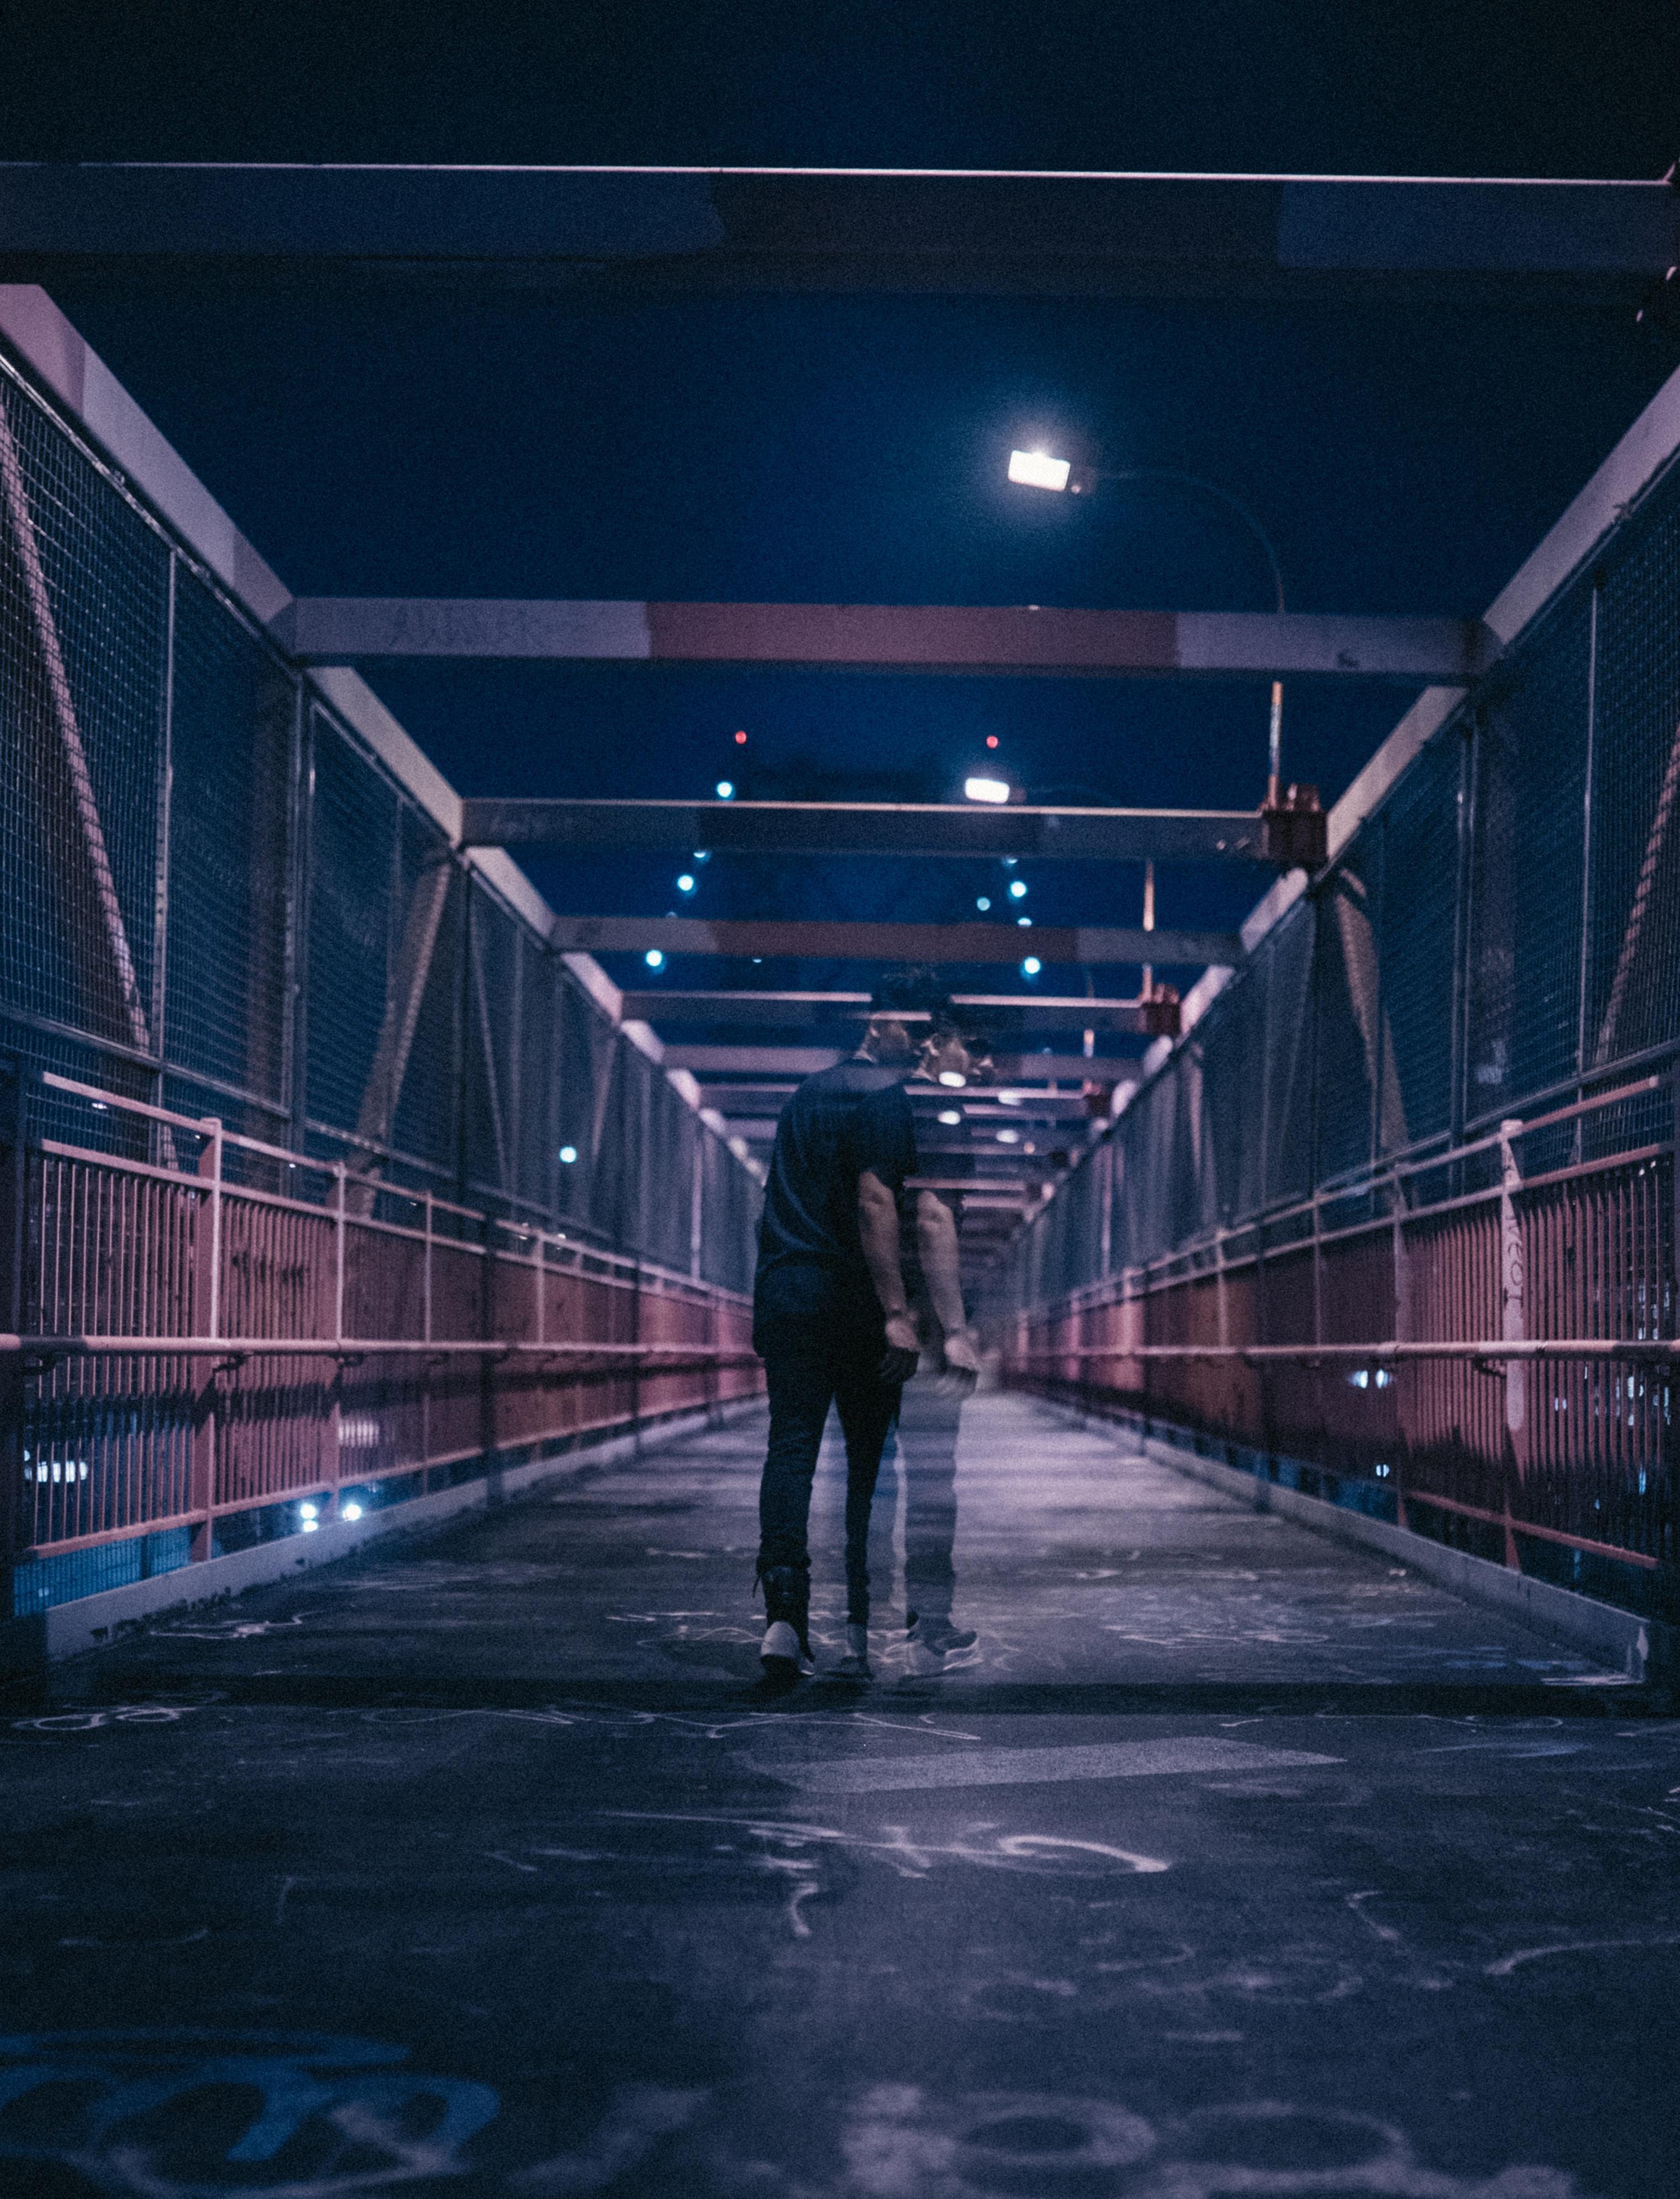 man walking on bridge during nighttime